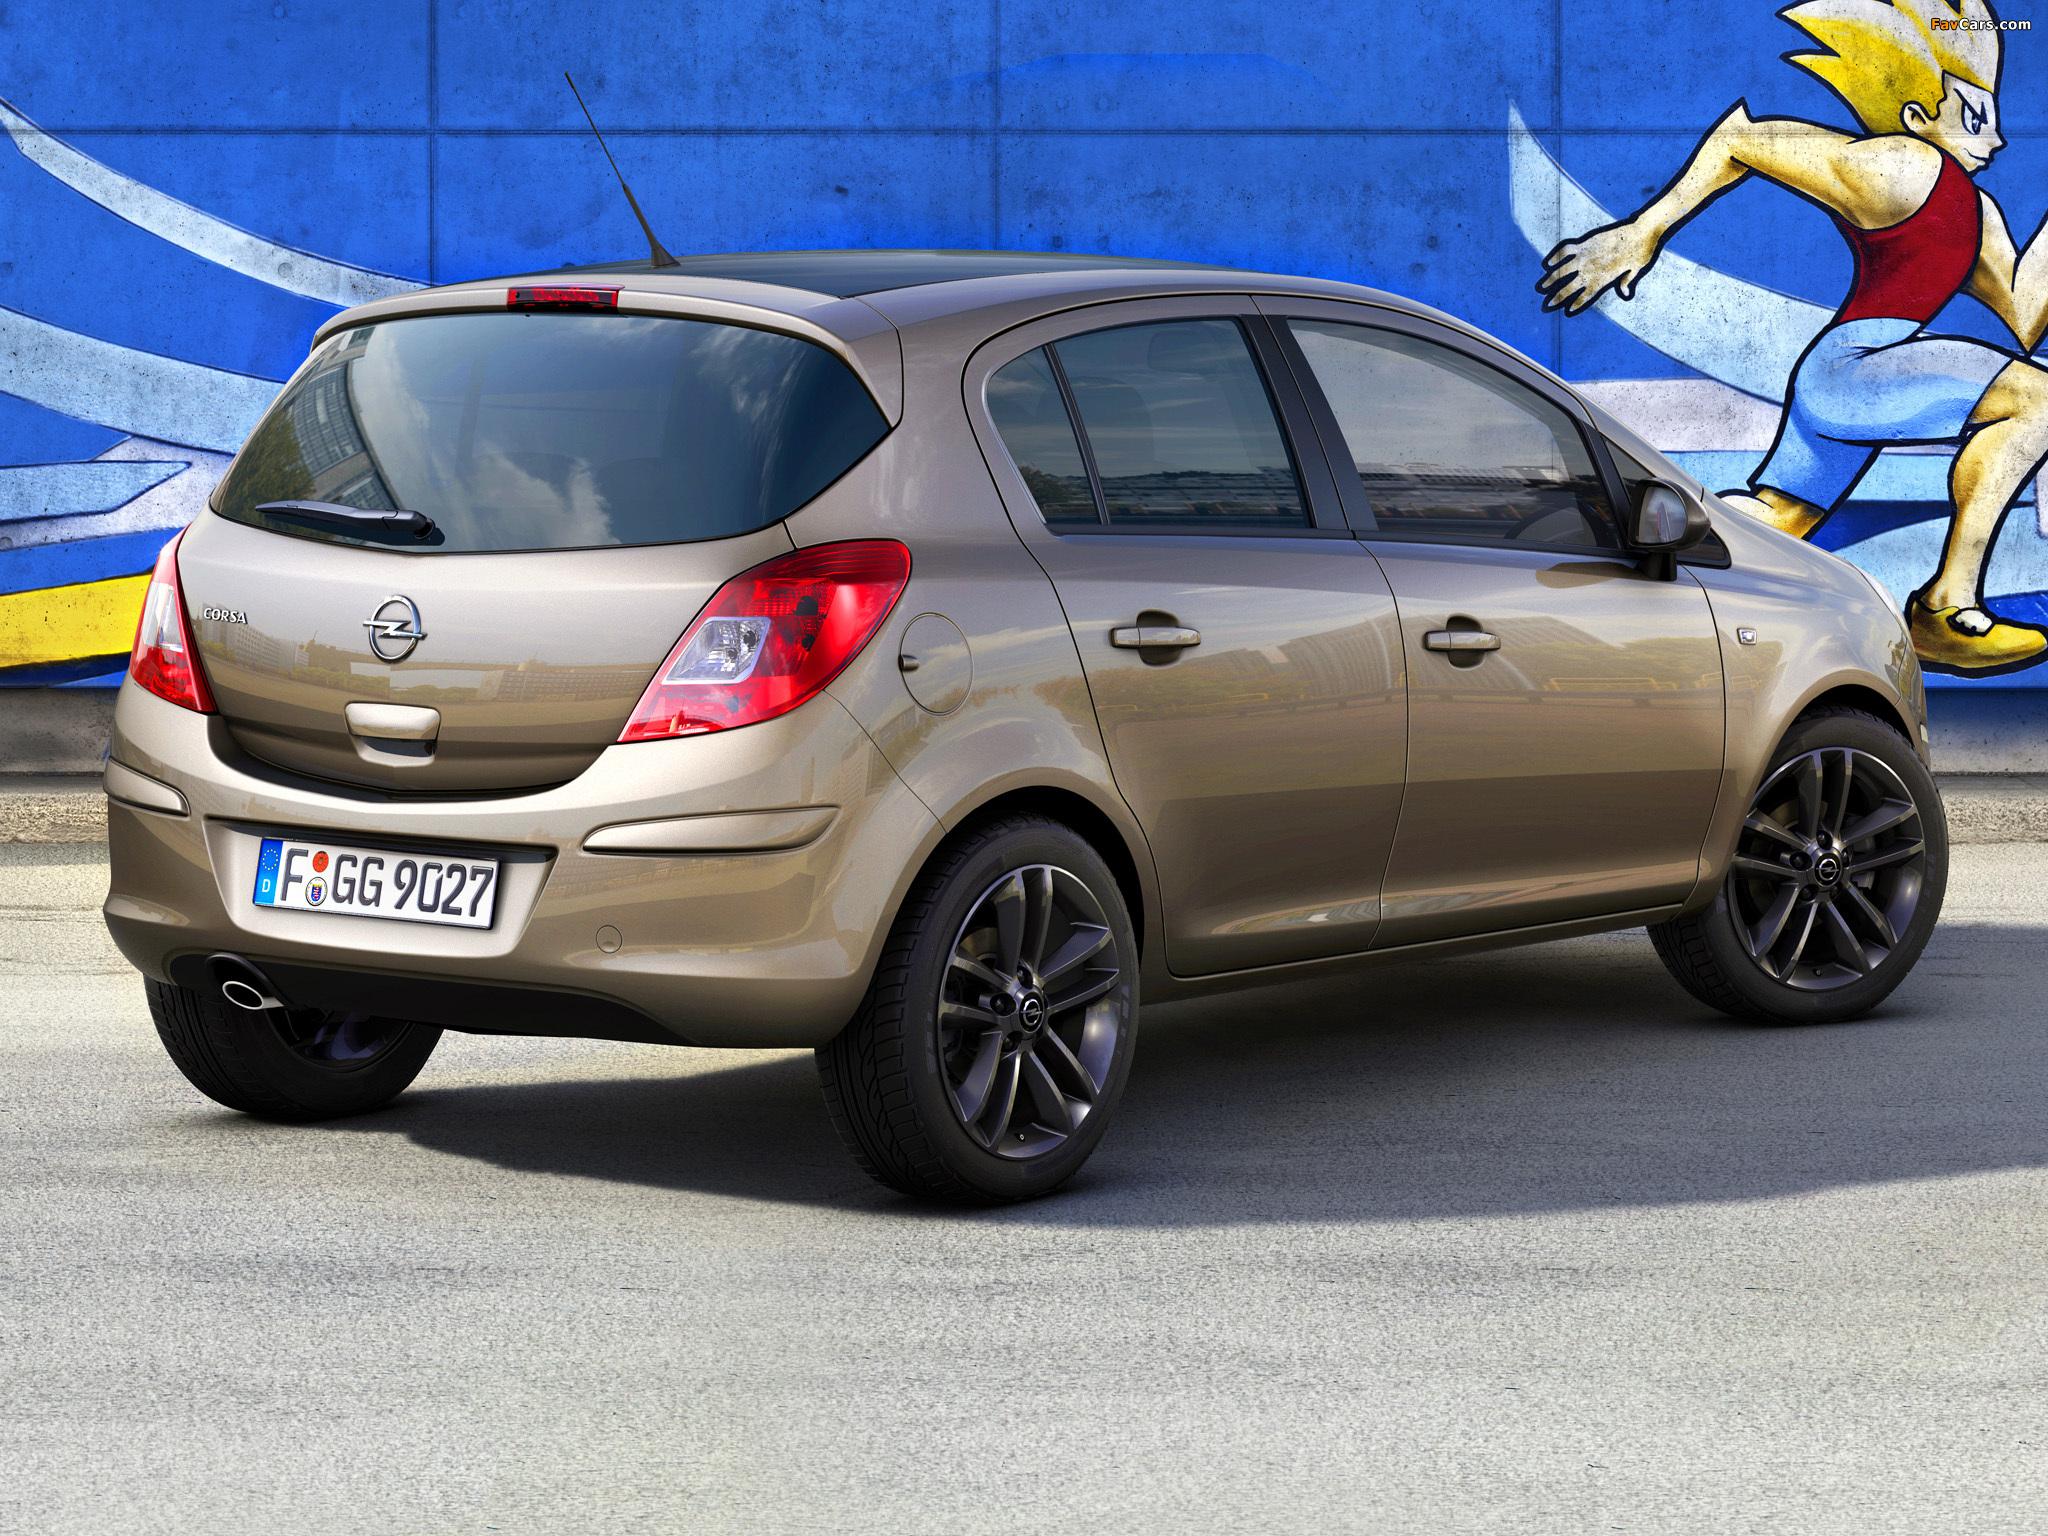 Opel Corsa Kaleidoscope Edition 5-door (D) 2012 wallpapers (2048 x 1536)